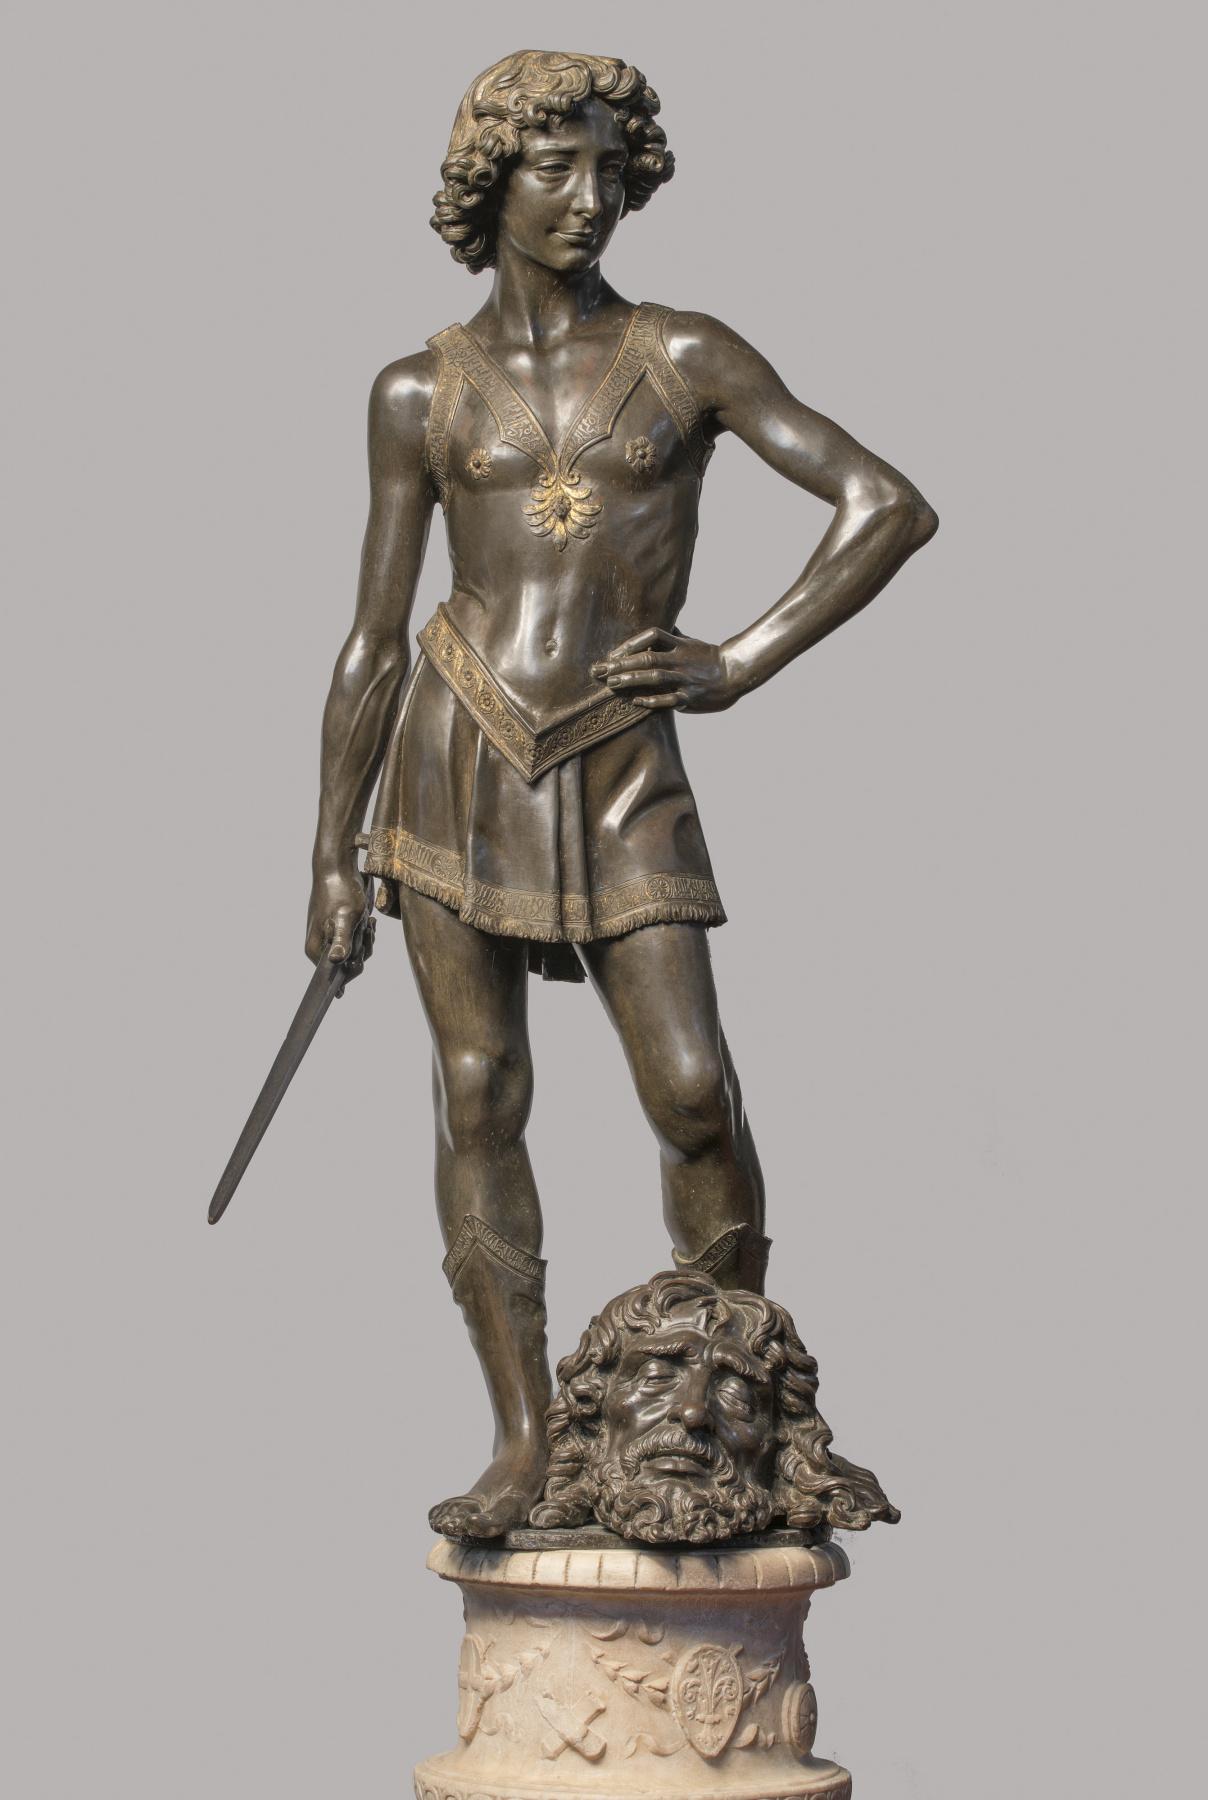 Andrea del Verrocchio. David and Goliath